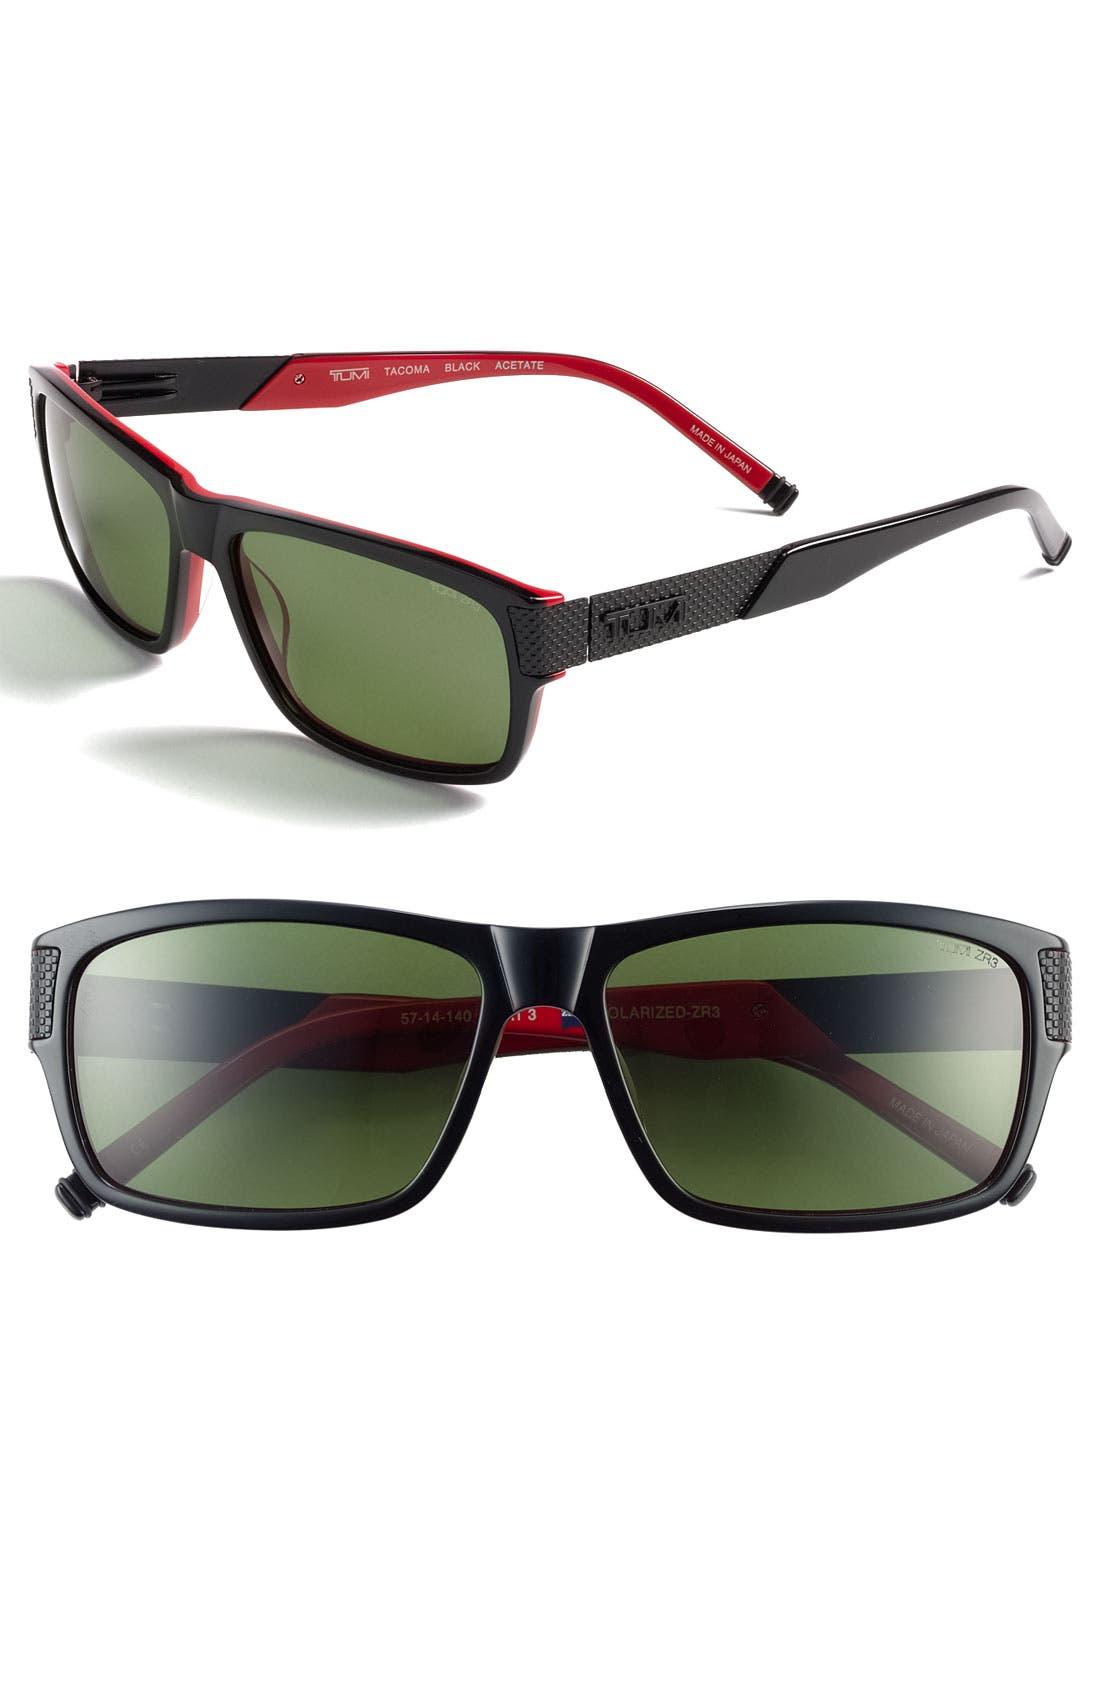 Main Image - Tumi 'Tacoma' Polarized Sunglasses